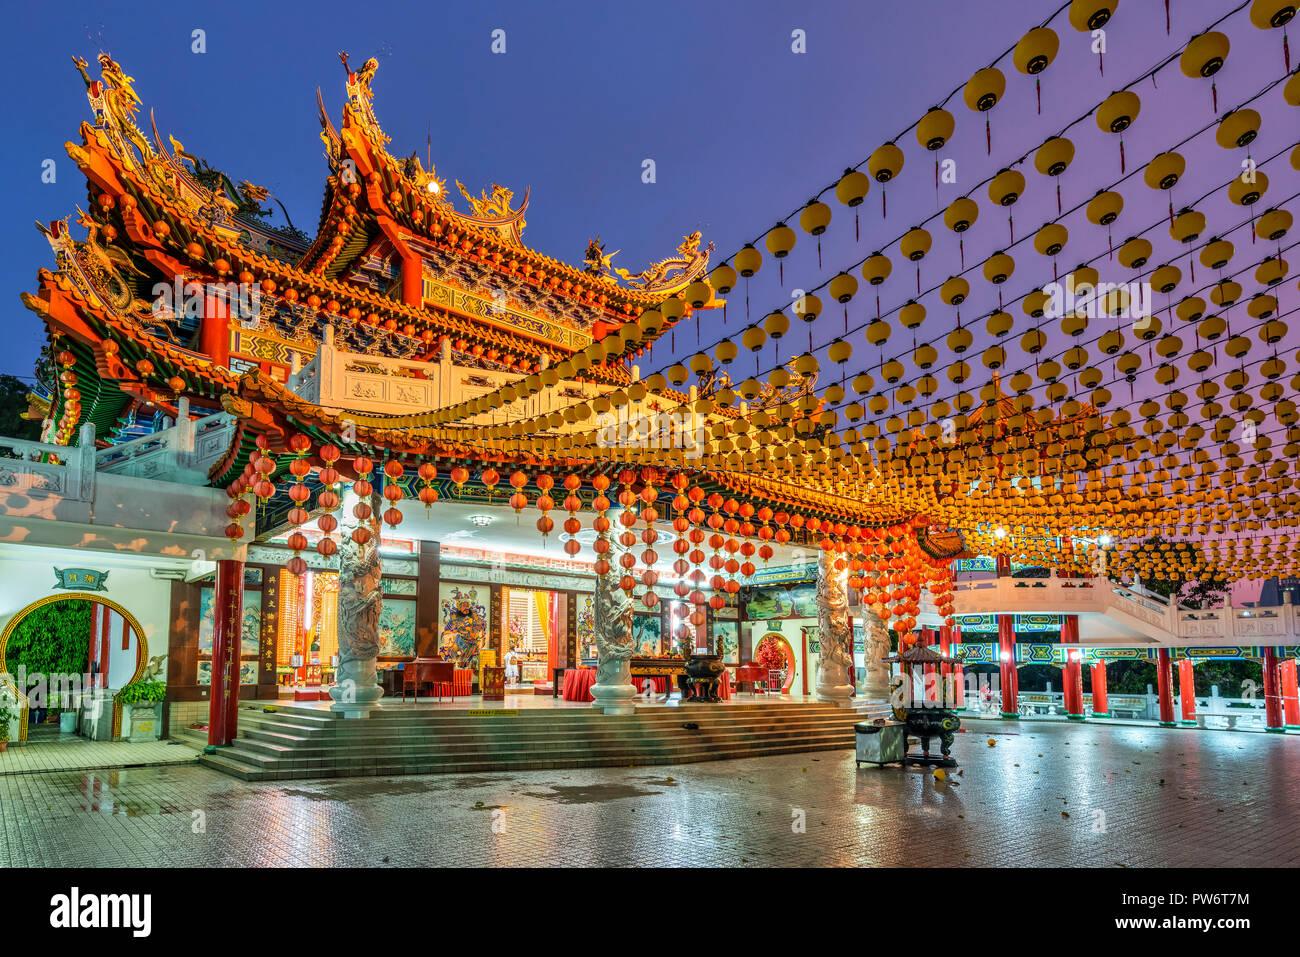 Thean Hou tempio, Kuala Lumpur, Malesia Immagini Stock